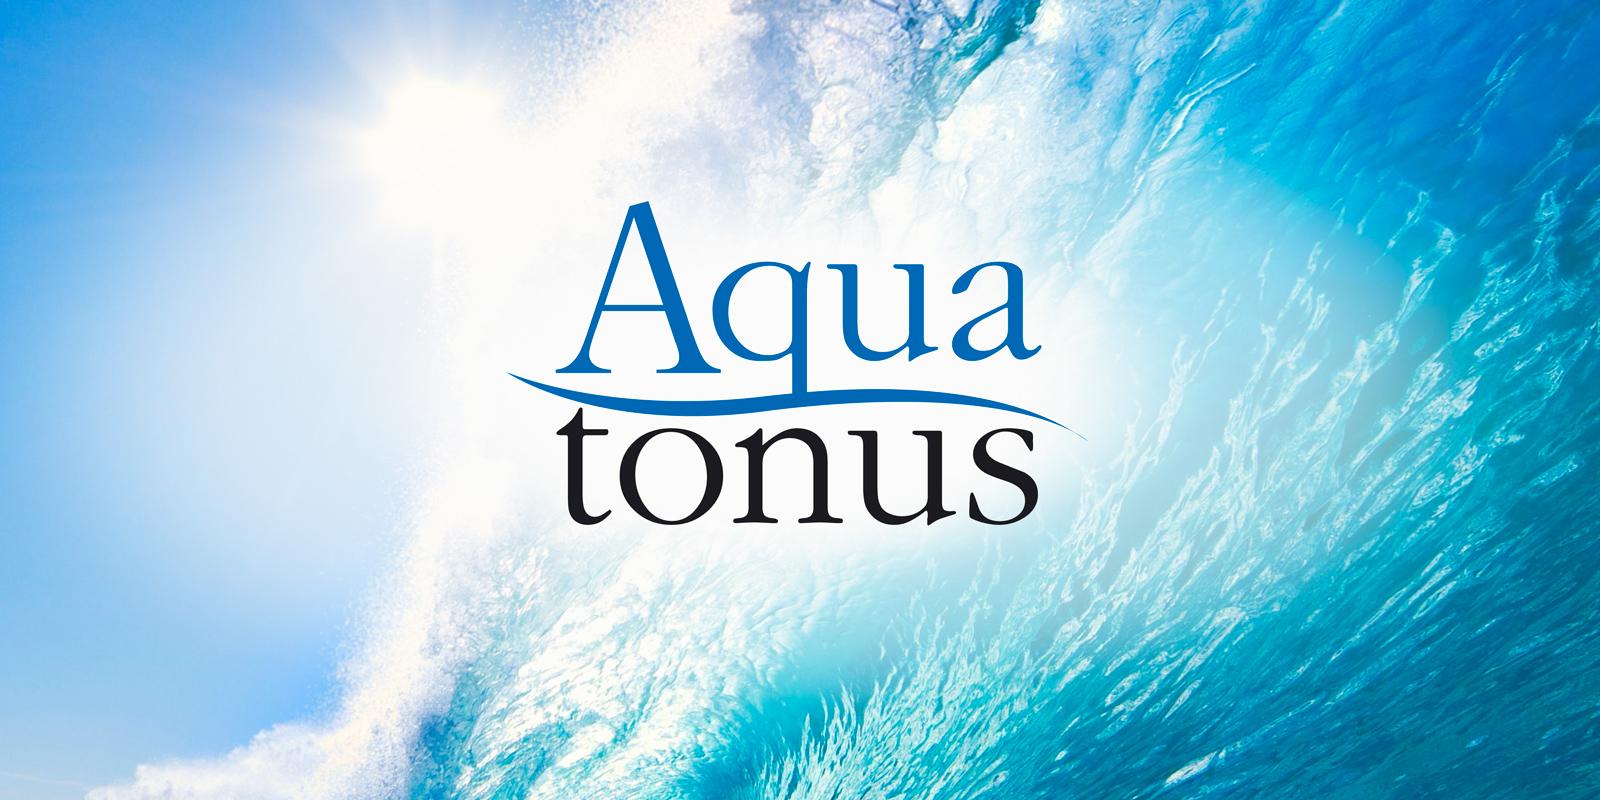 TM «AquaTonus»;;;;;;Разработка имени;;;;;;<span>Клиент:</span> Компания «Авито Brand Company»;;;;;;;;;;;;Разработанное имя: <nm>«Aqua Tonus»</nm>;;;;;; 8 ;;;;;;